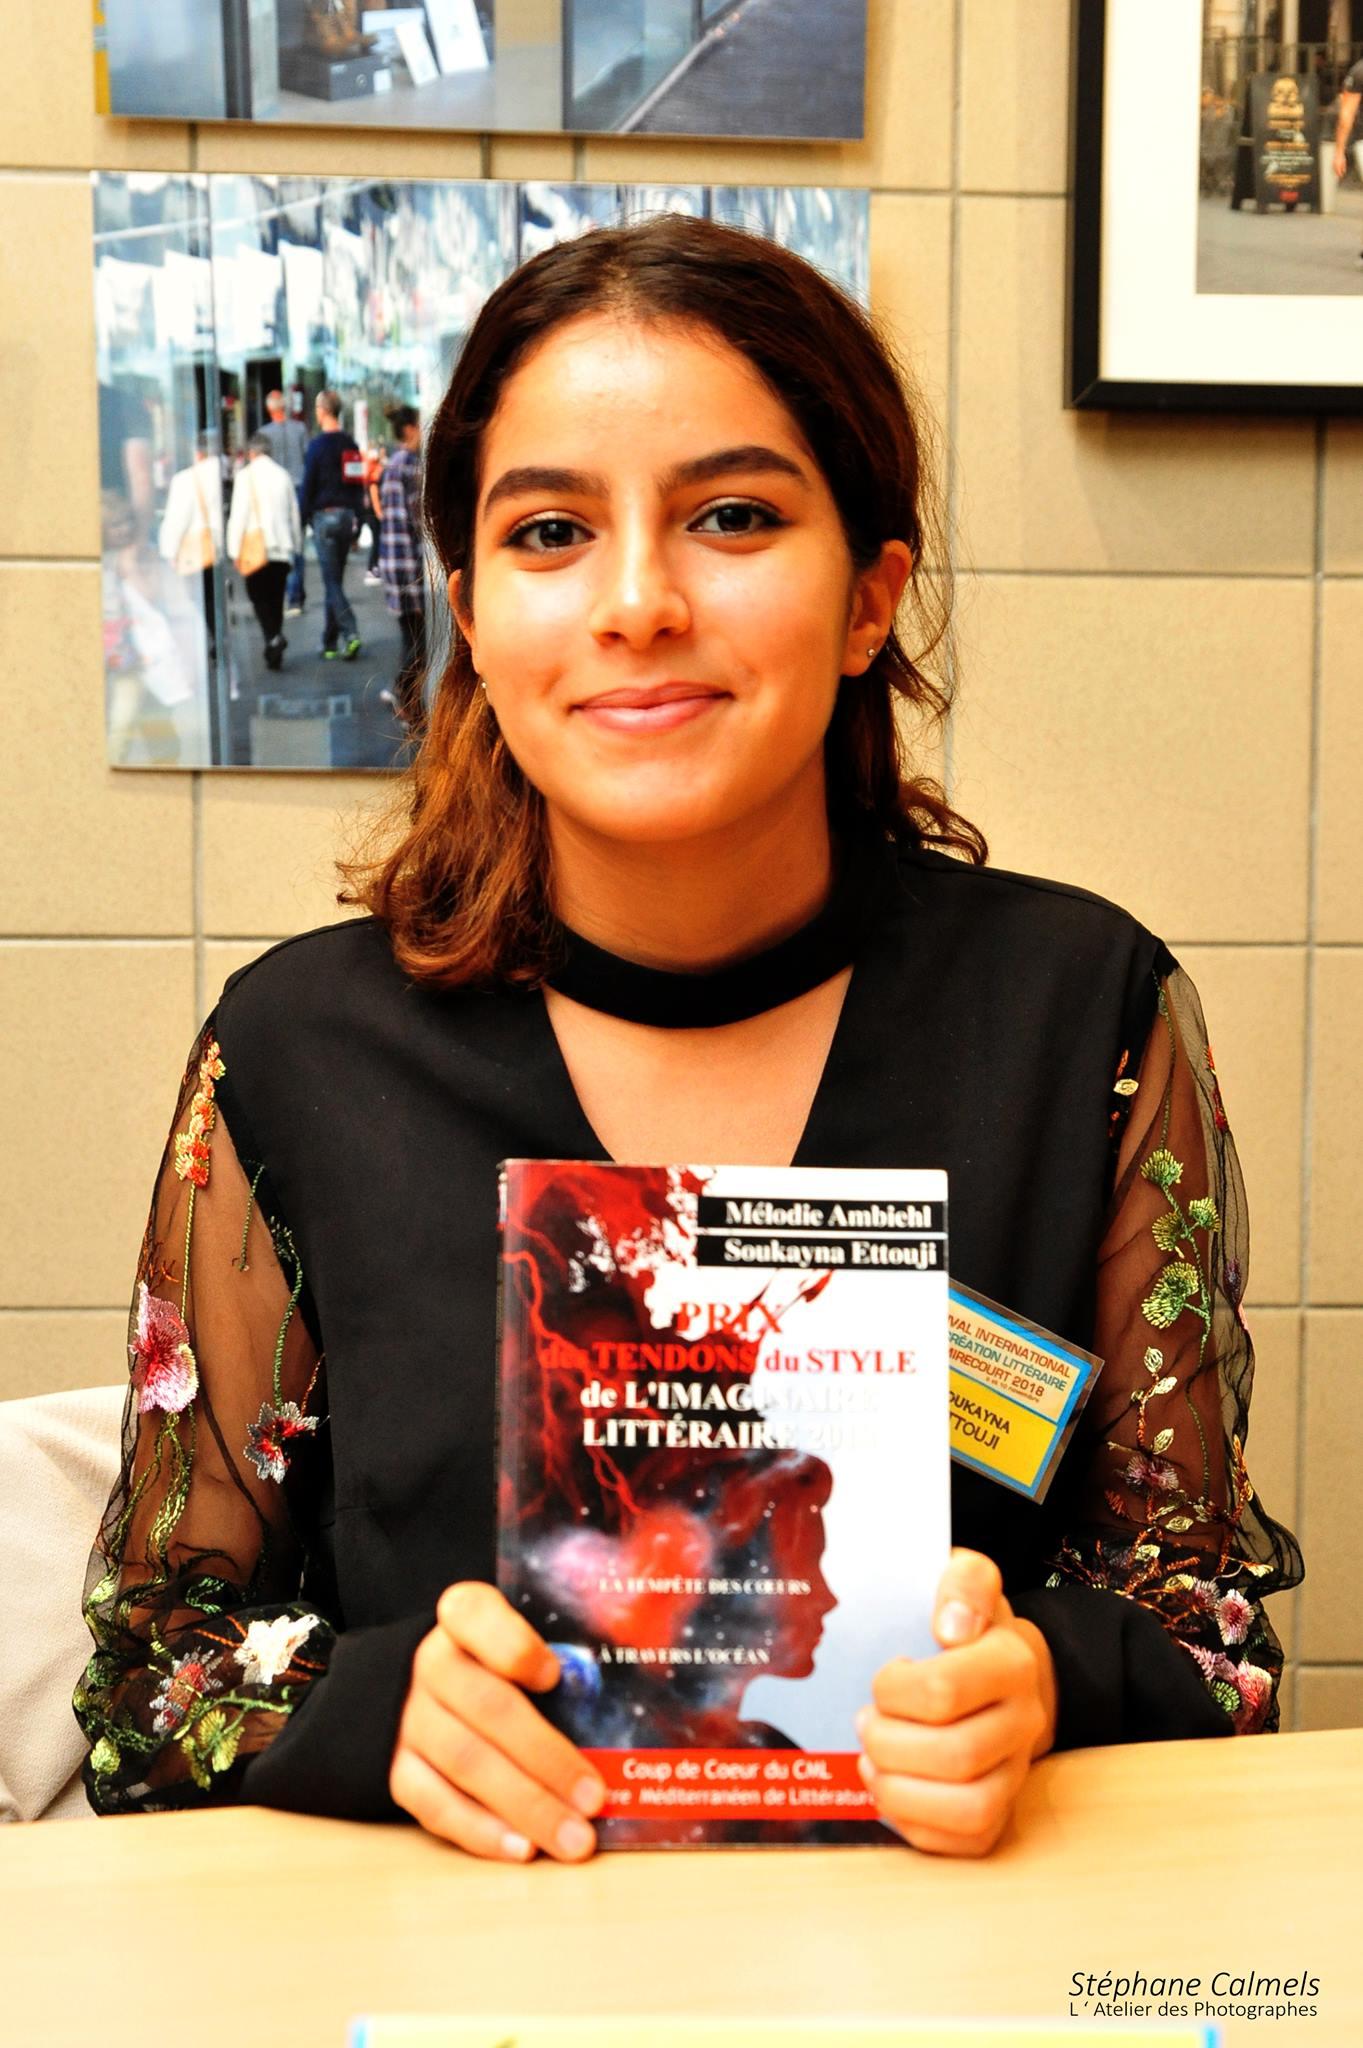 Soukayna Ettouji